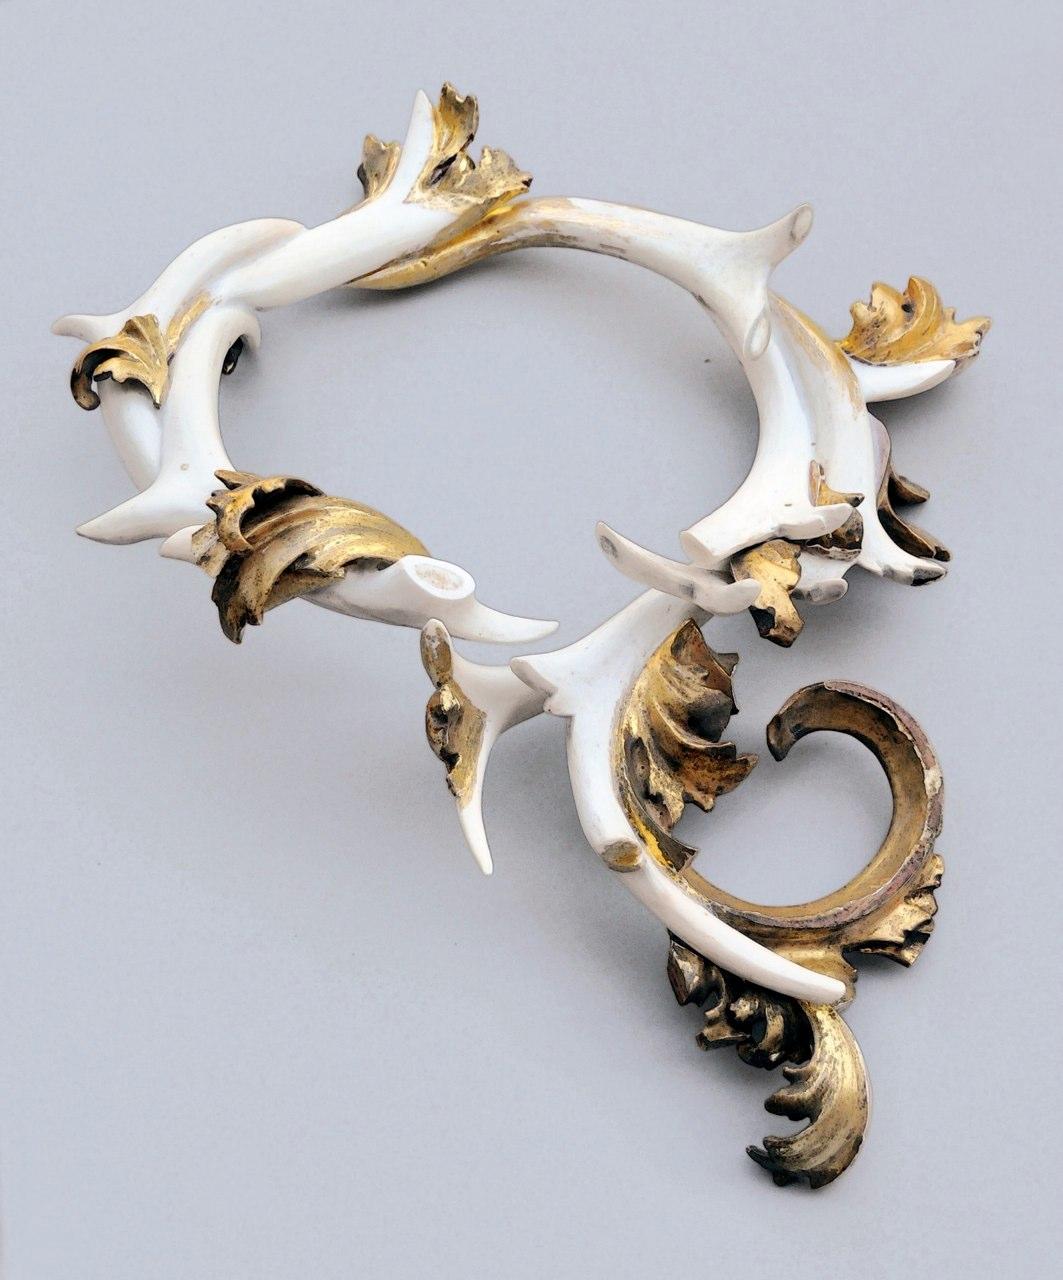 bone-sculptures-jennifer-trask-02